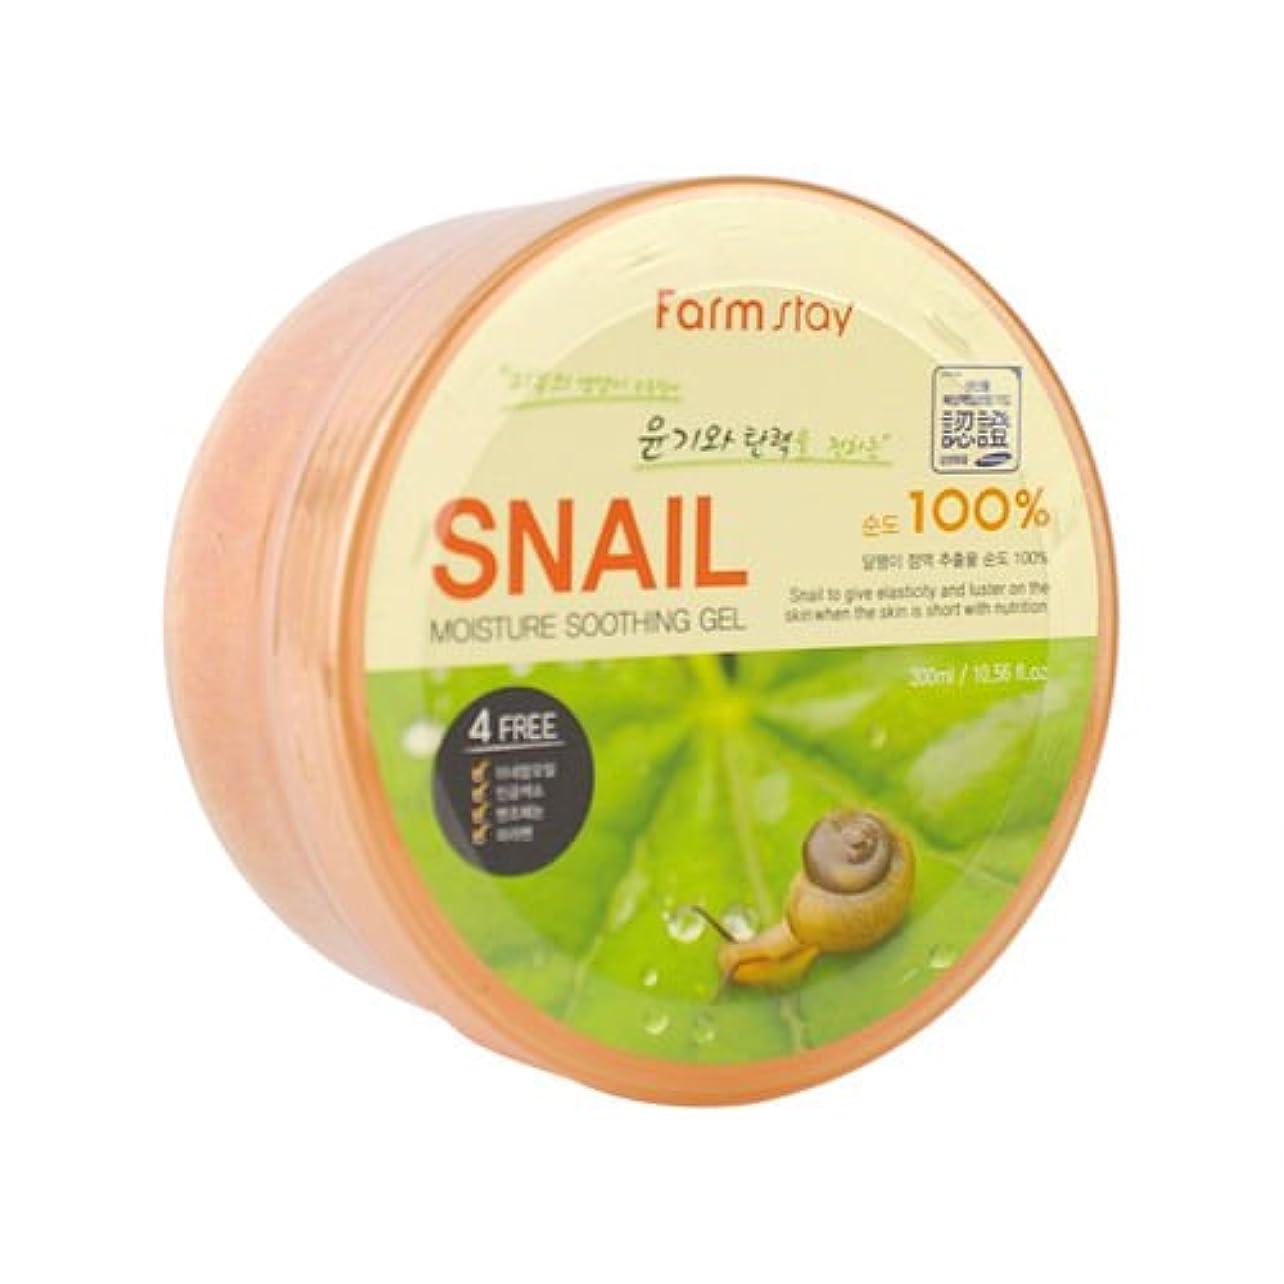 大気飛び込む悲鳴Farm Stay Snail Moisture Soothing Gel 300ml /Snail extract 100%/Skin Glowing & Elasticity Up [並行輸入品]